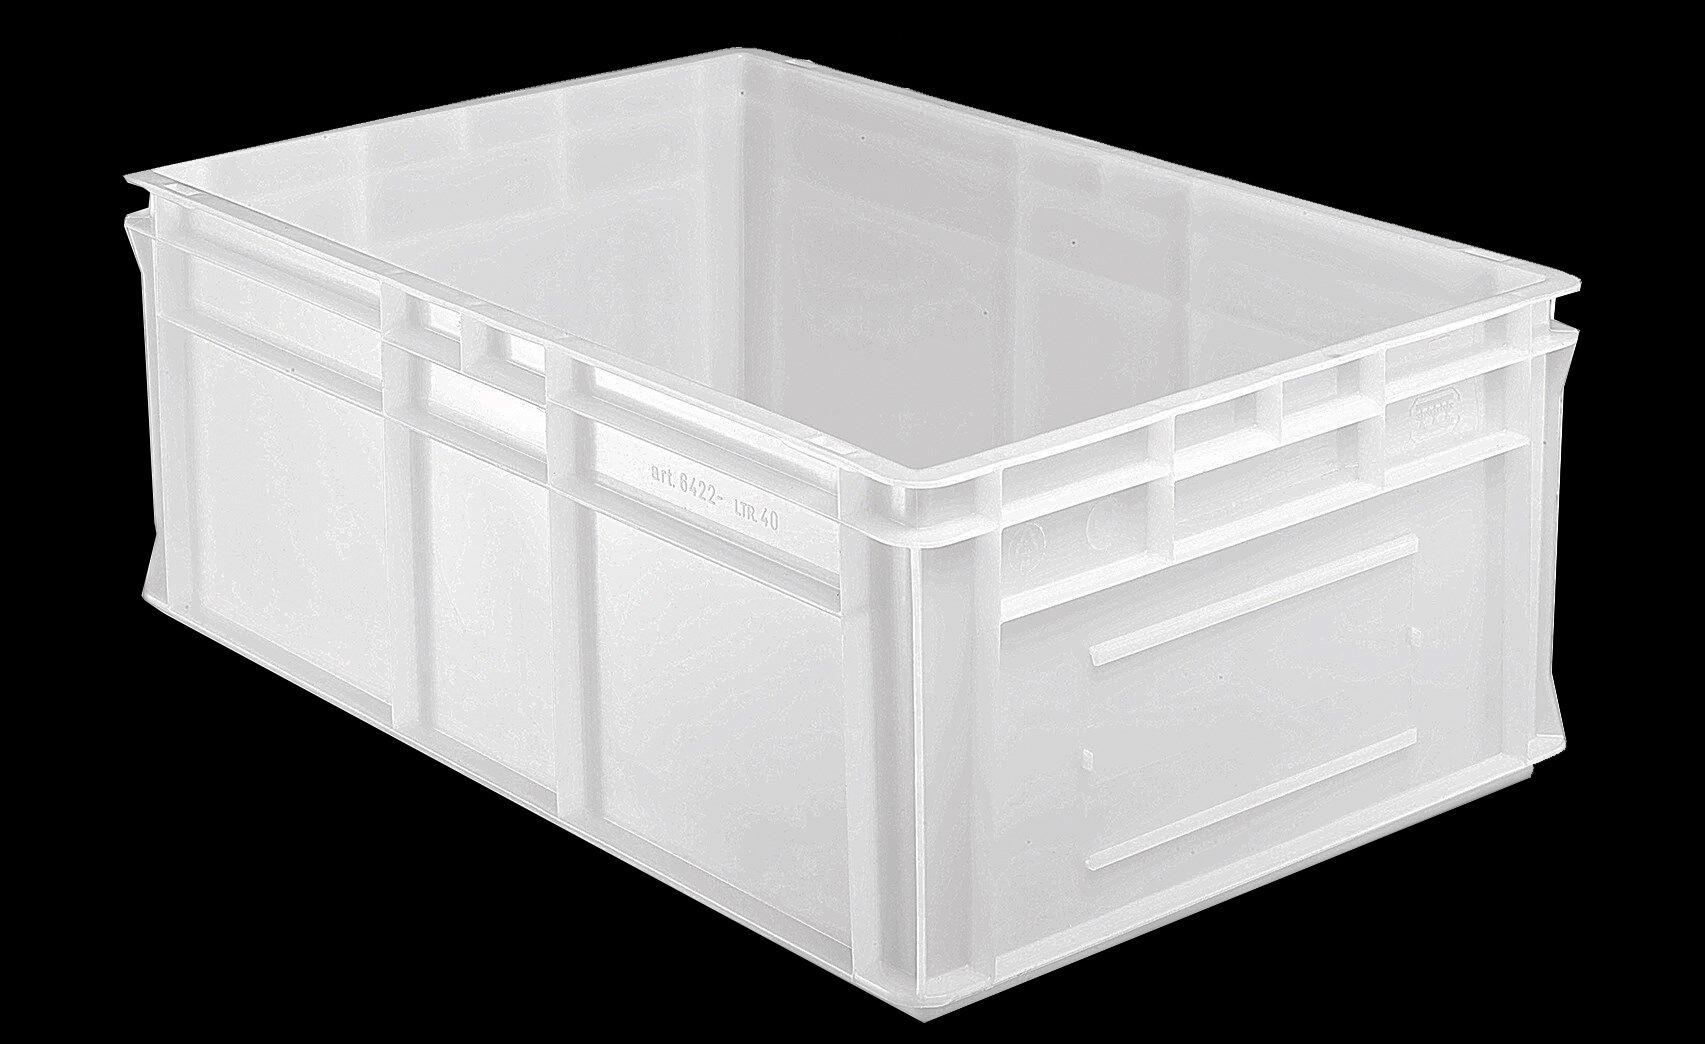 SETAM Caisse alimentaire plastique 40 litres 600x400